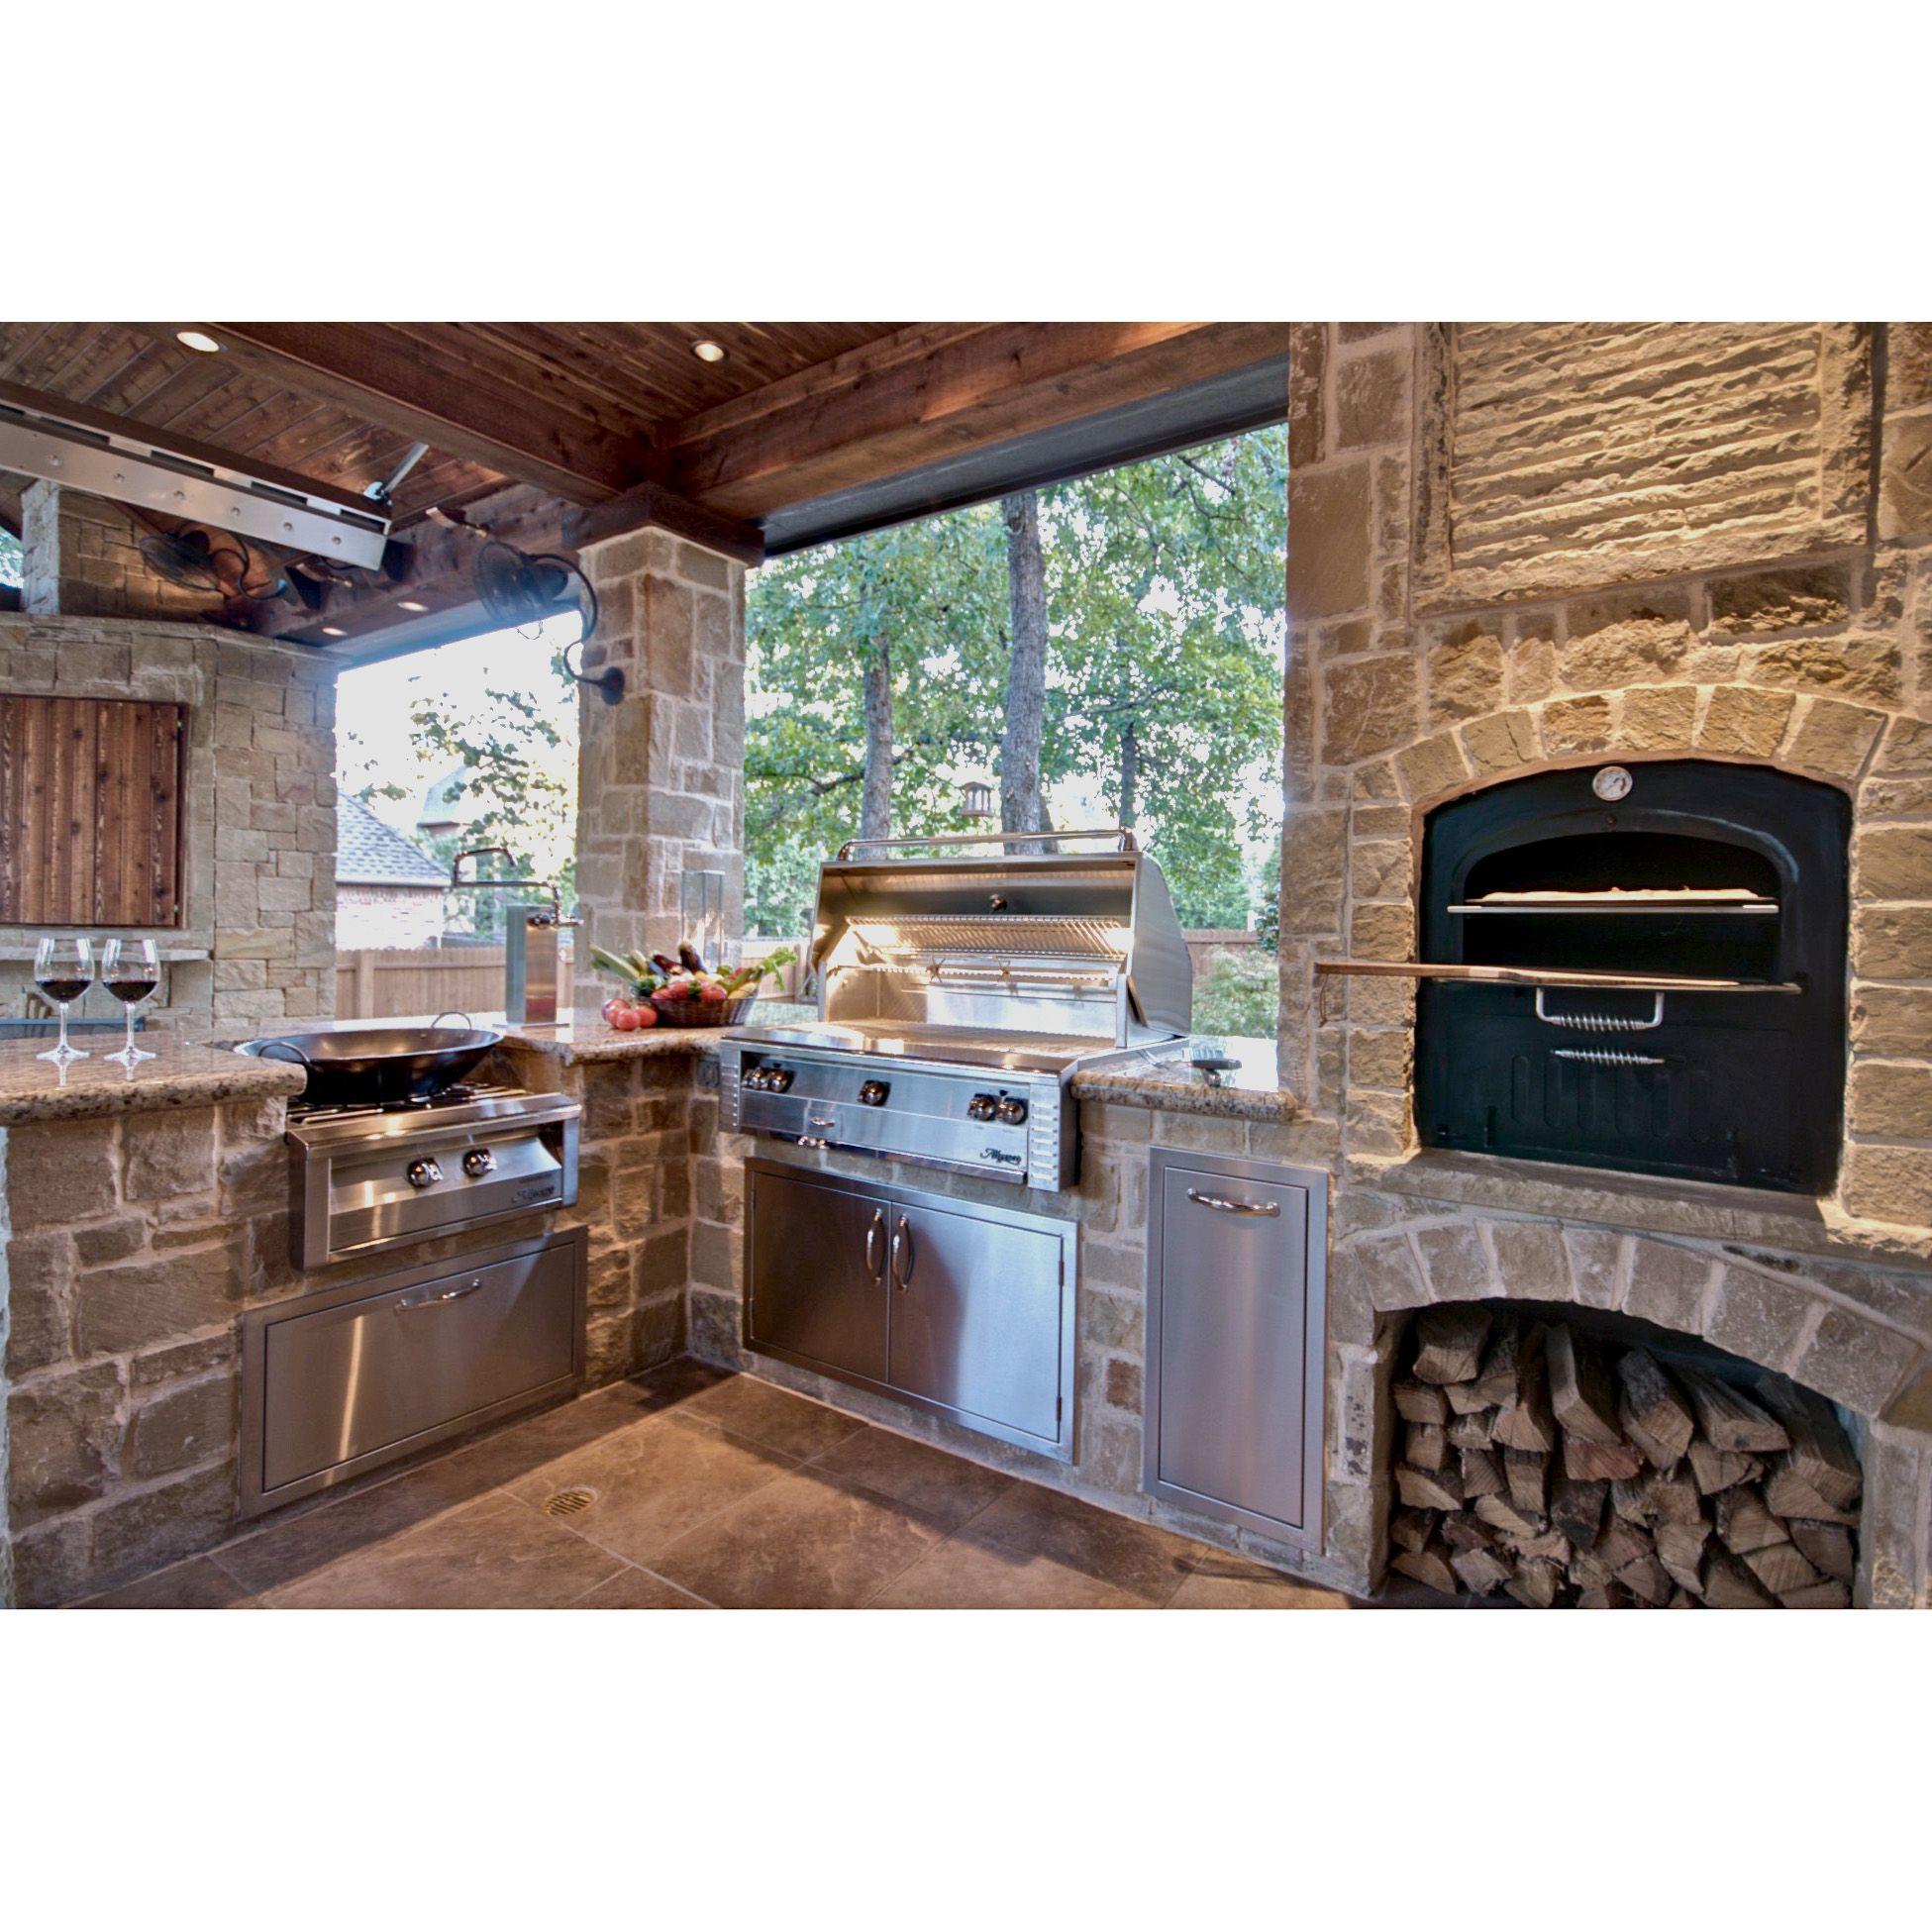 Alfresco 42 Double Access Doors Axe 42 Outdoor Kitchen Design Outdoor Kitchen Outdoor Kitchen Island